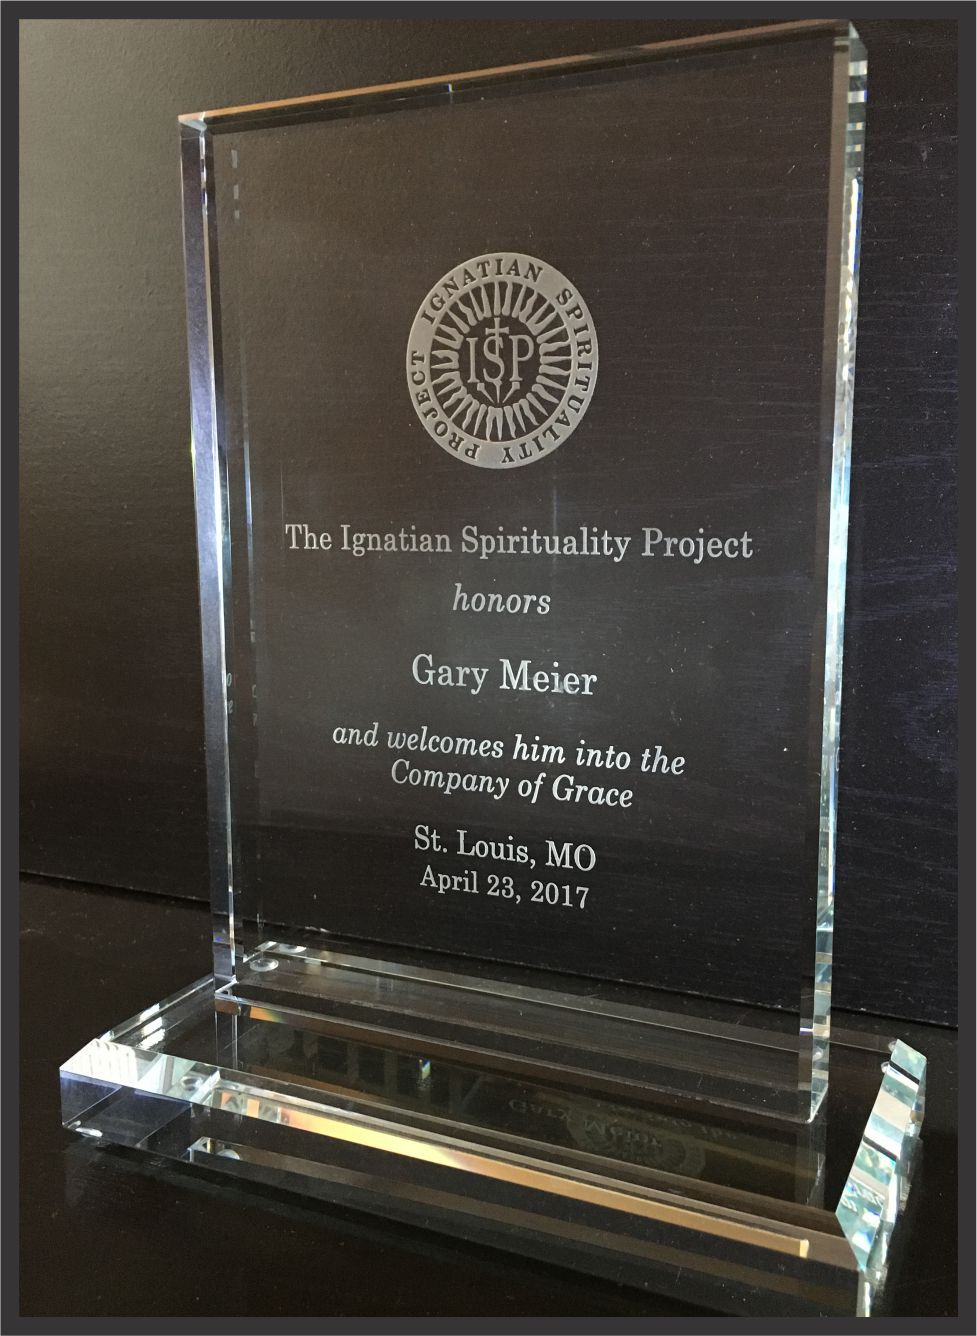 2017 Company of Grace Award